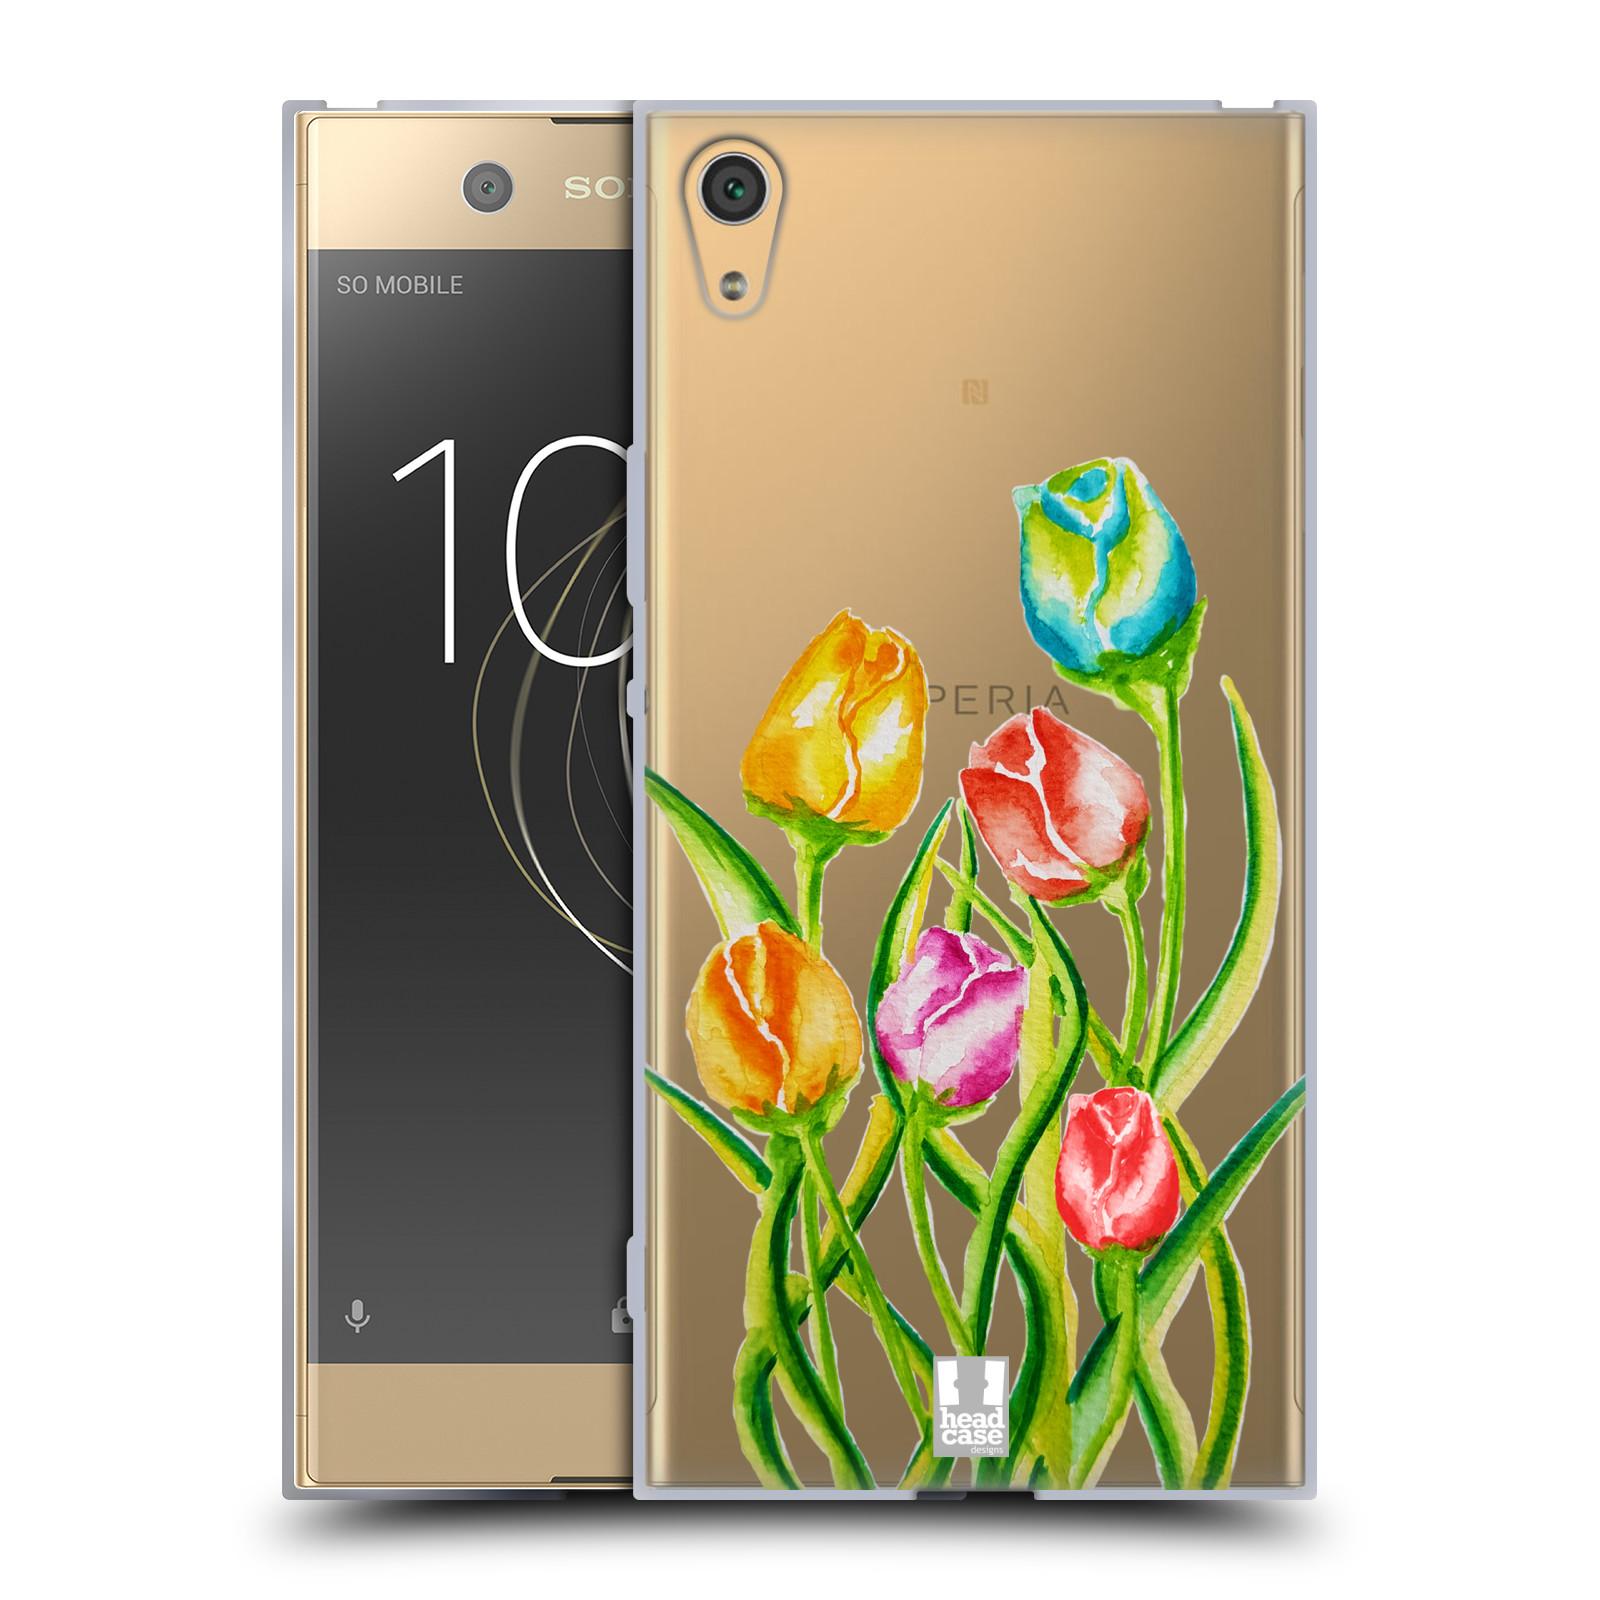 HEAD CASE silikonový obal na mobil Sony Xperia XA1 ULTRA Květina Tulipán vodní barvy